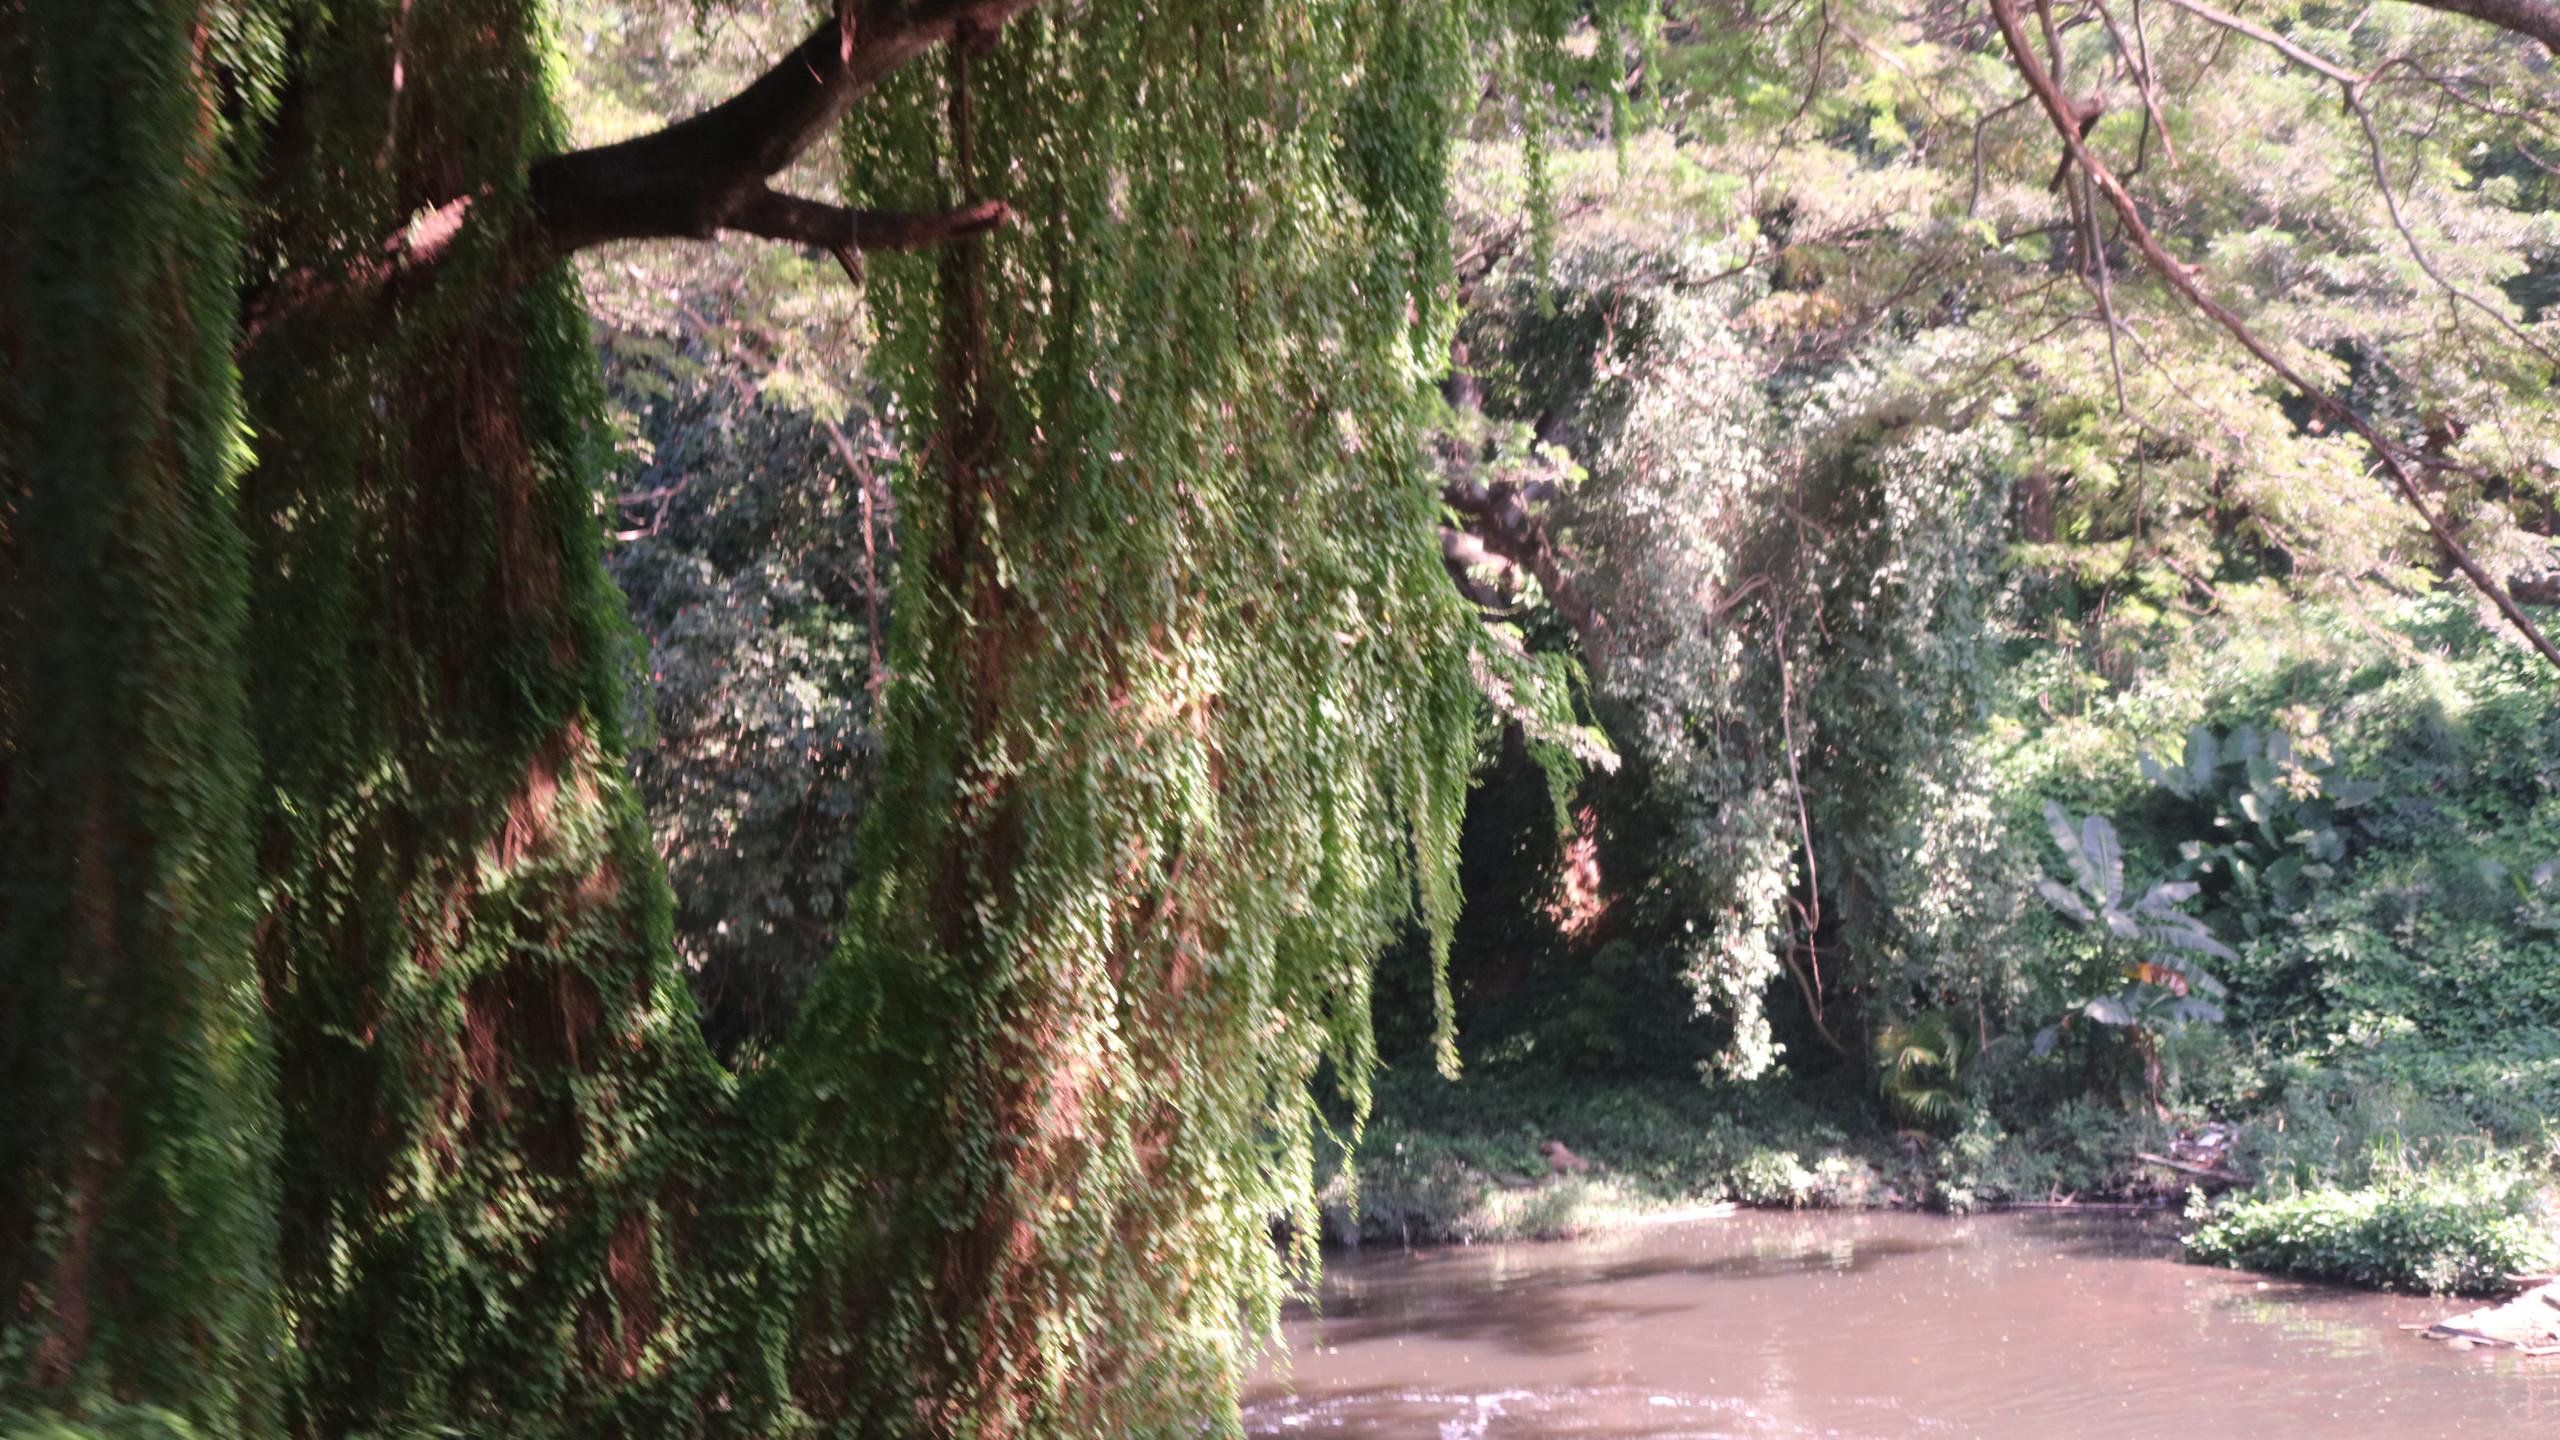 Almendares River running beside the Havana Forest.